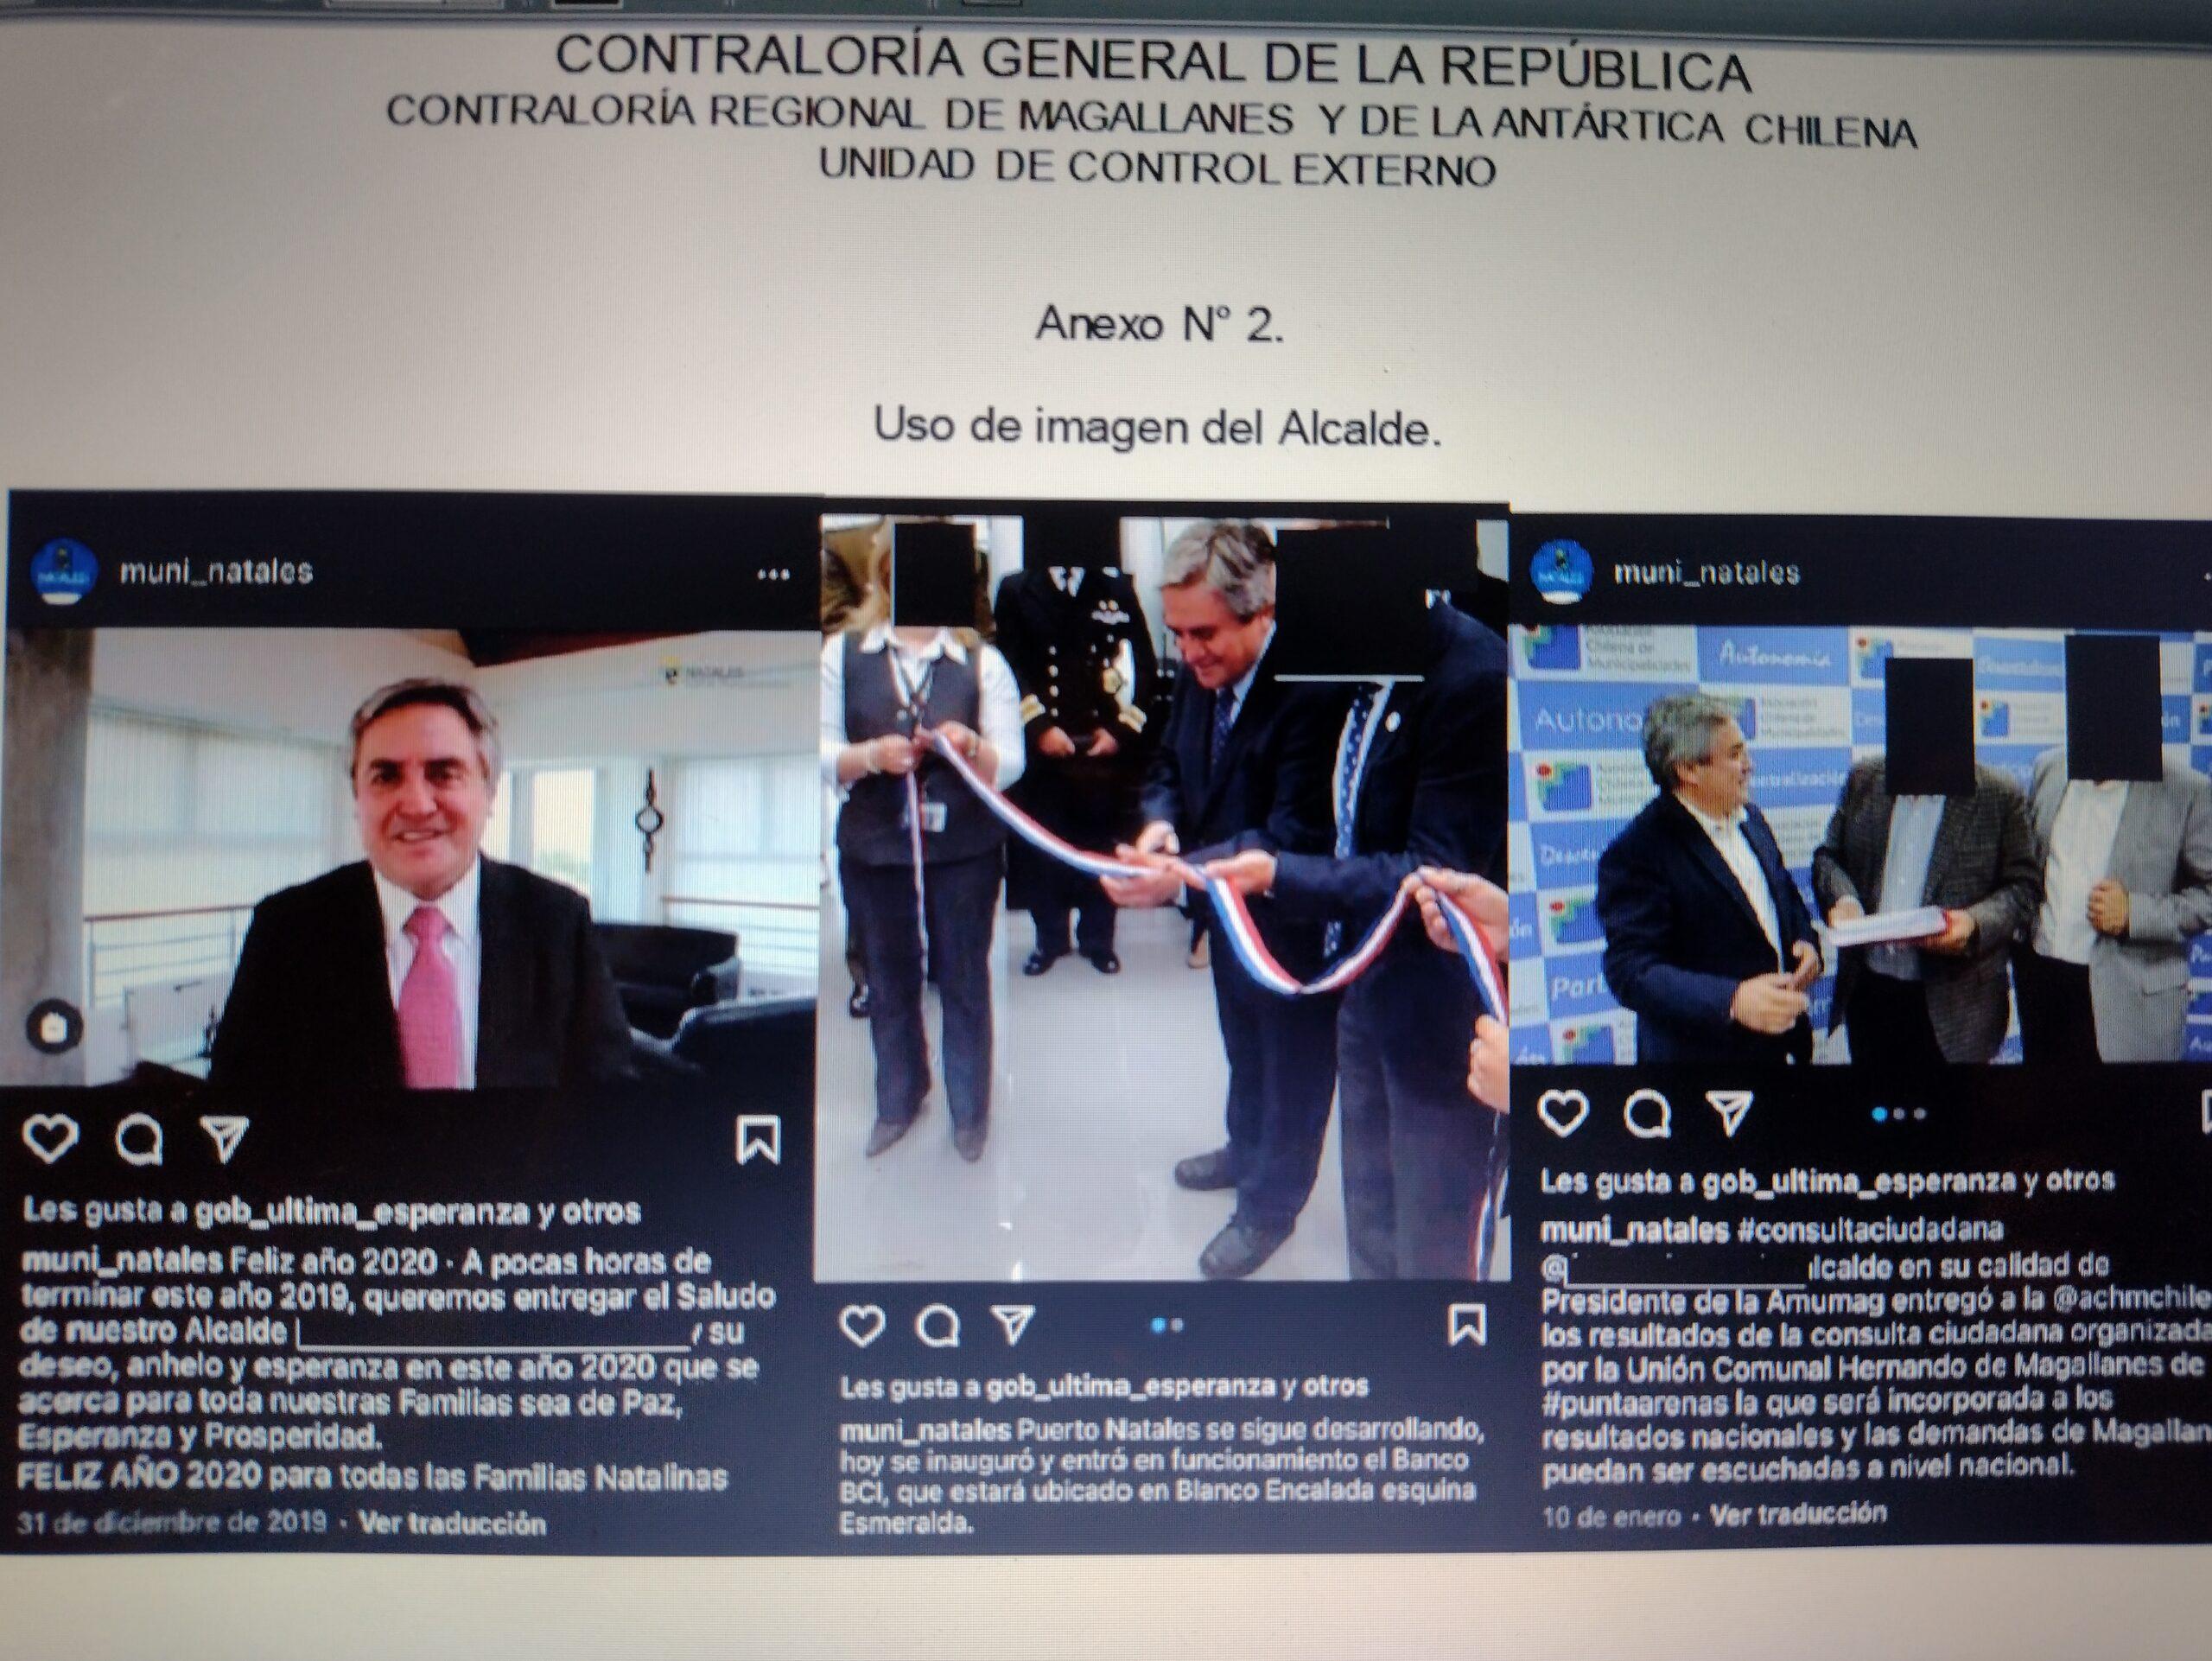 El ocaso de un alcalde: la despedida de Fernando Paredes de la vitrina municipal de Natales y las objeciones de Contraloría Regional de Magallanes ante gastos en publicidades a través de medios de comunicación